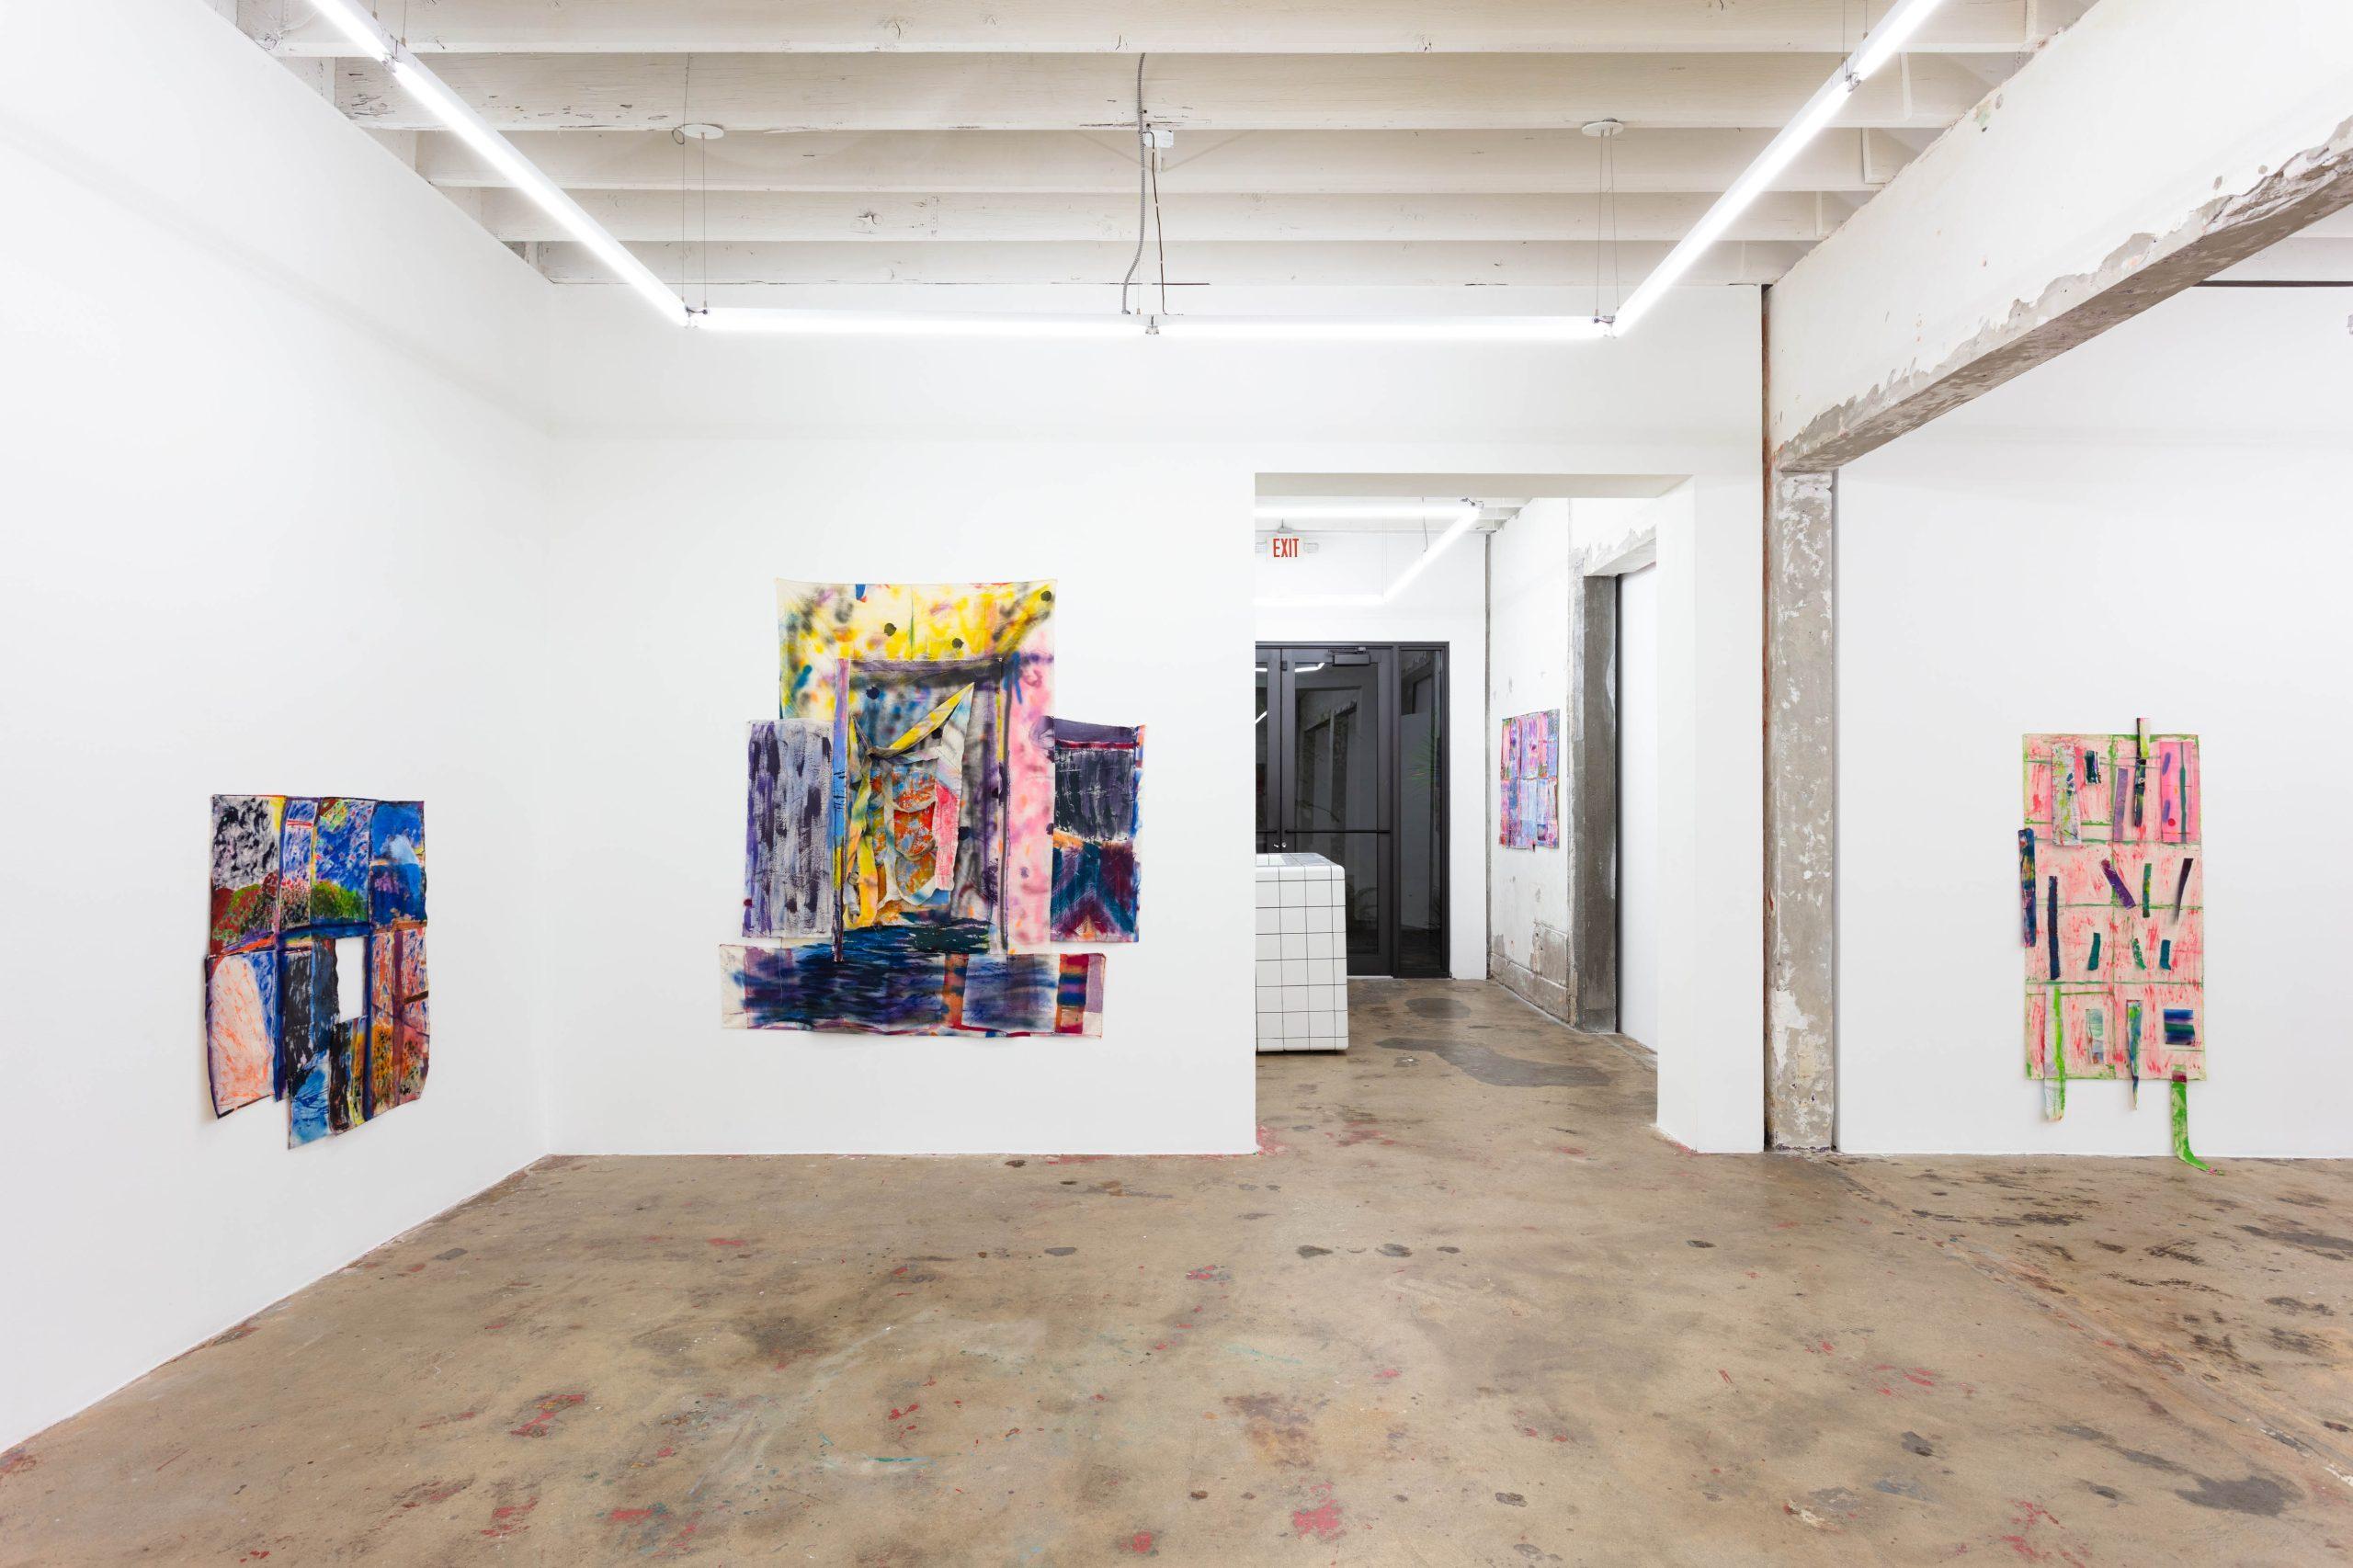 Brianne Garcia, Precarious Arrangements, Nina Johnson